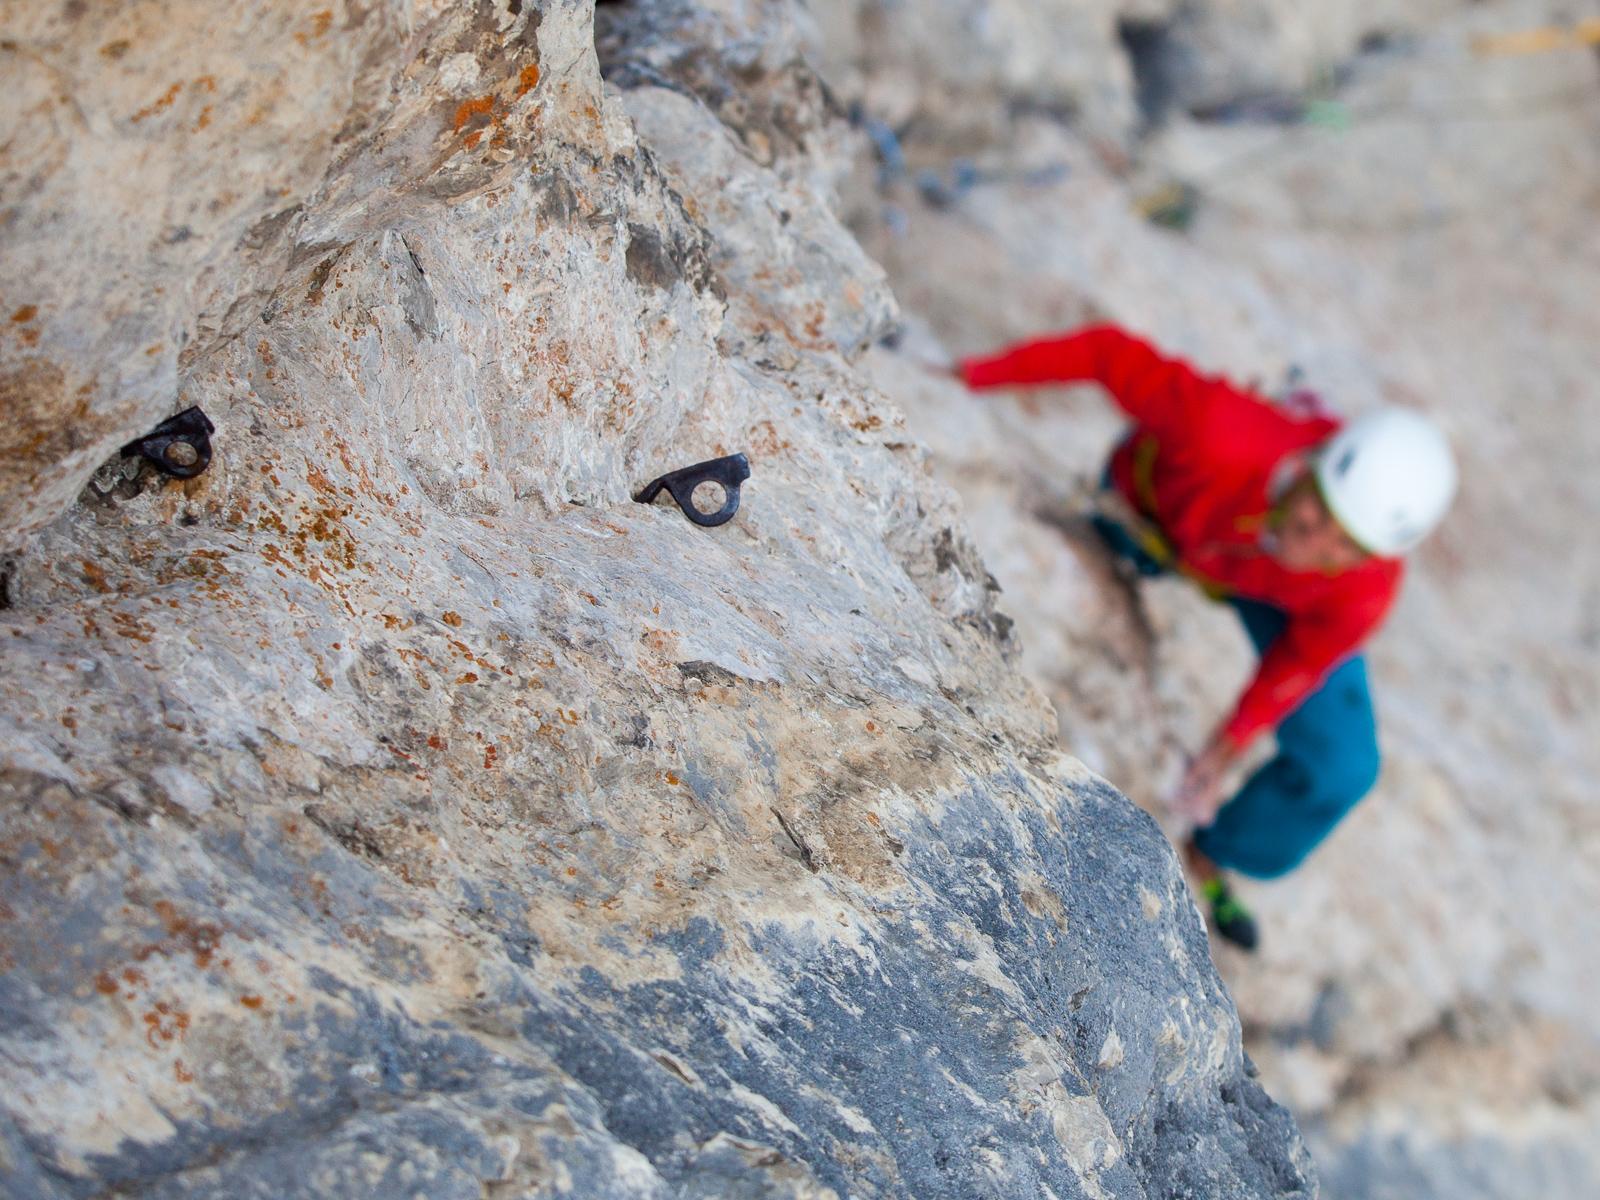 Die Absicherung einer Kletterroute bestimmt maßgeblich die Anforderungen an den Kletterer.